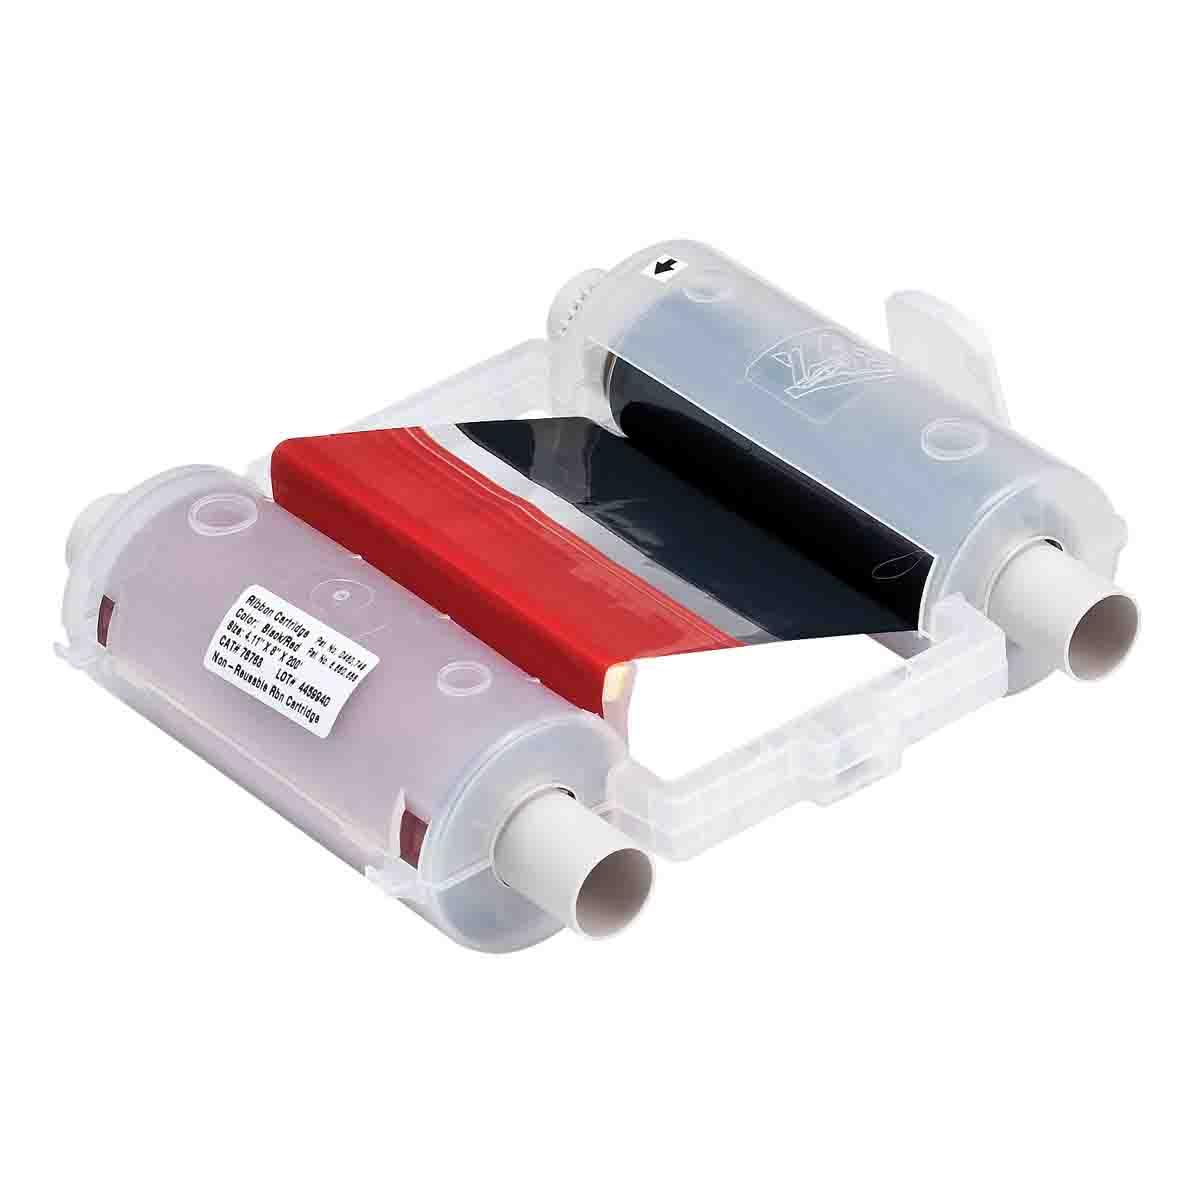 Brady® 76762 R10000 2-Color Industrial Grade Printer Ribbon, 200 ft L x 4.11 in W, Resin, Black/Red